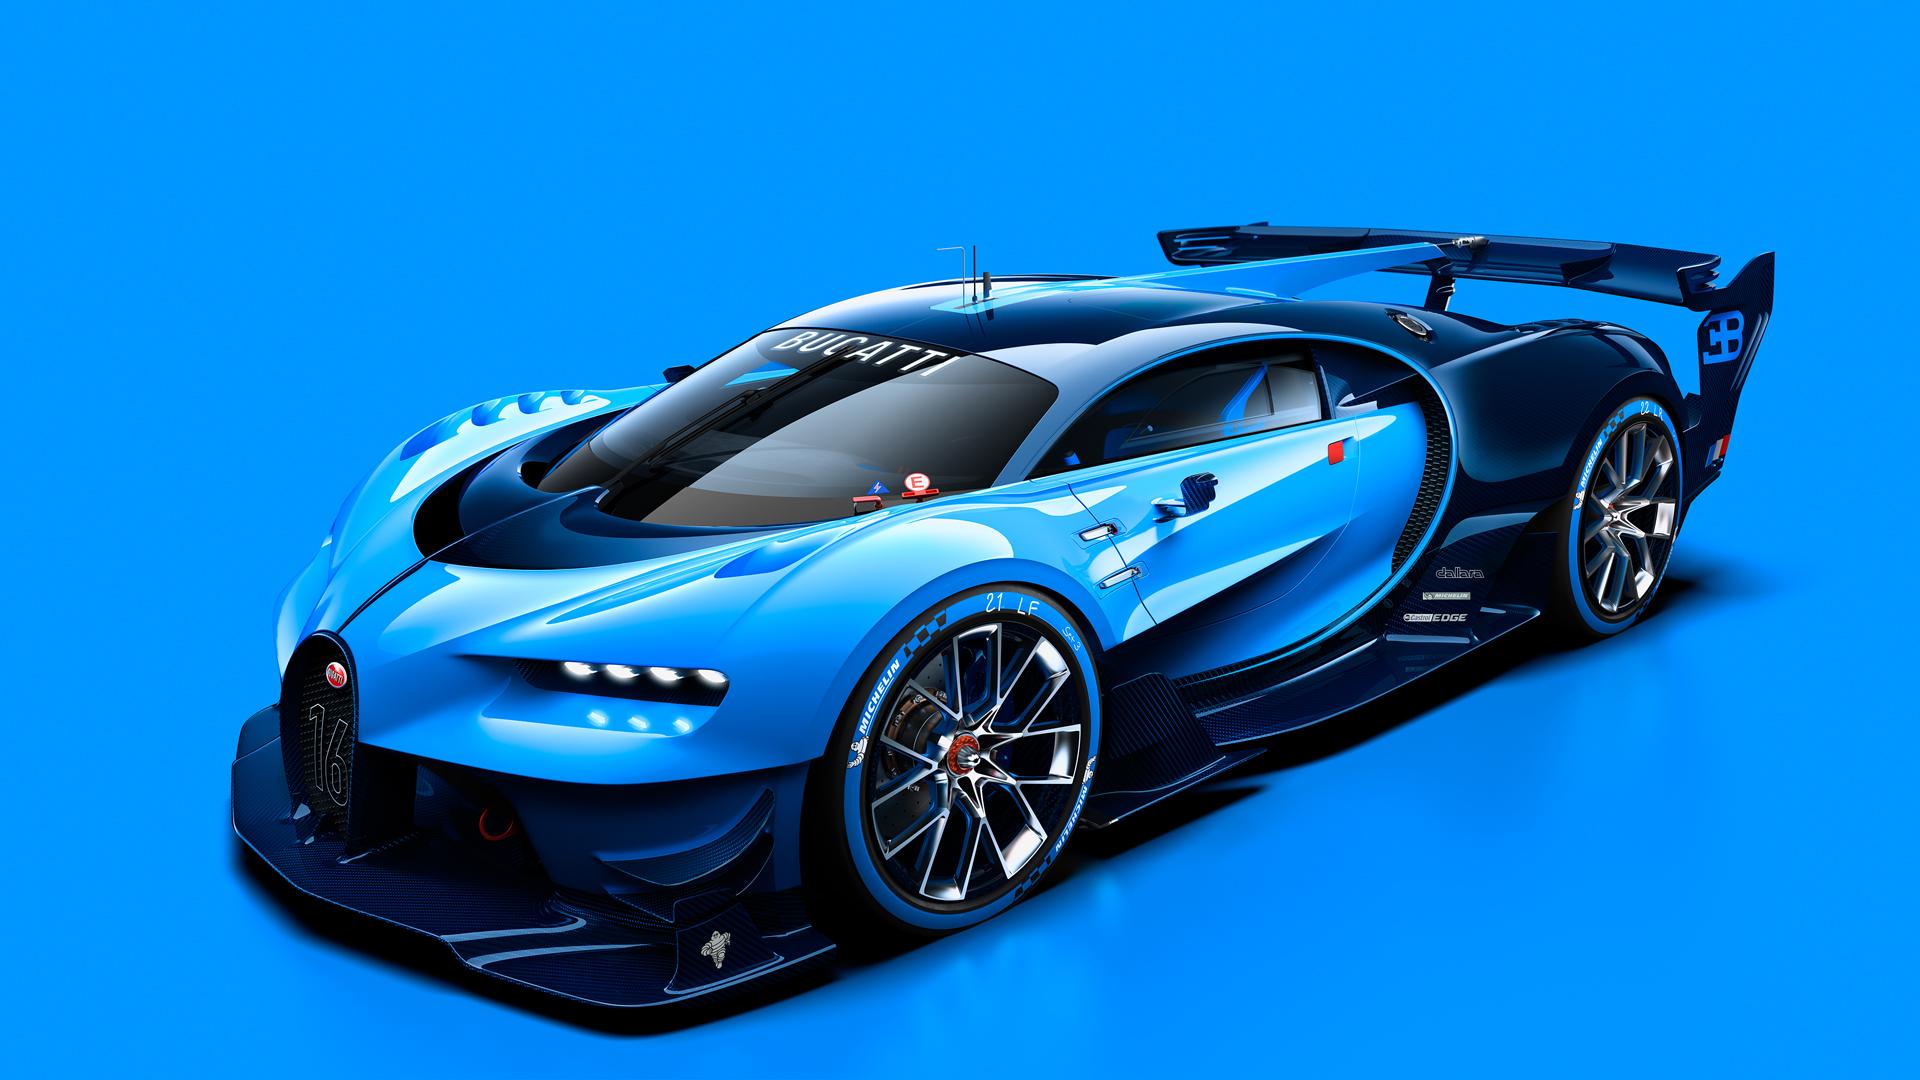 Bugatti Vision Gran Turismo concept car